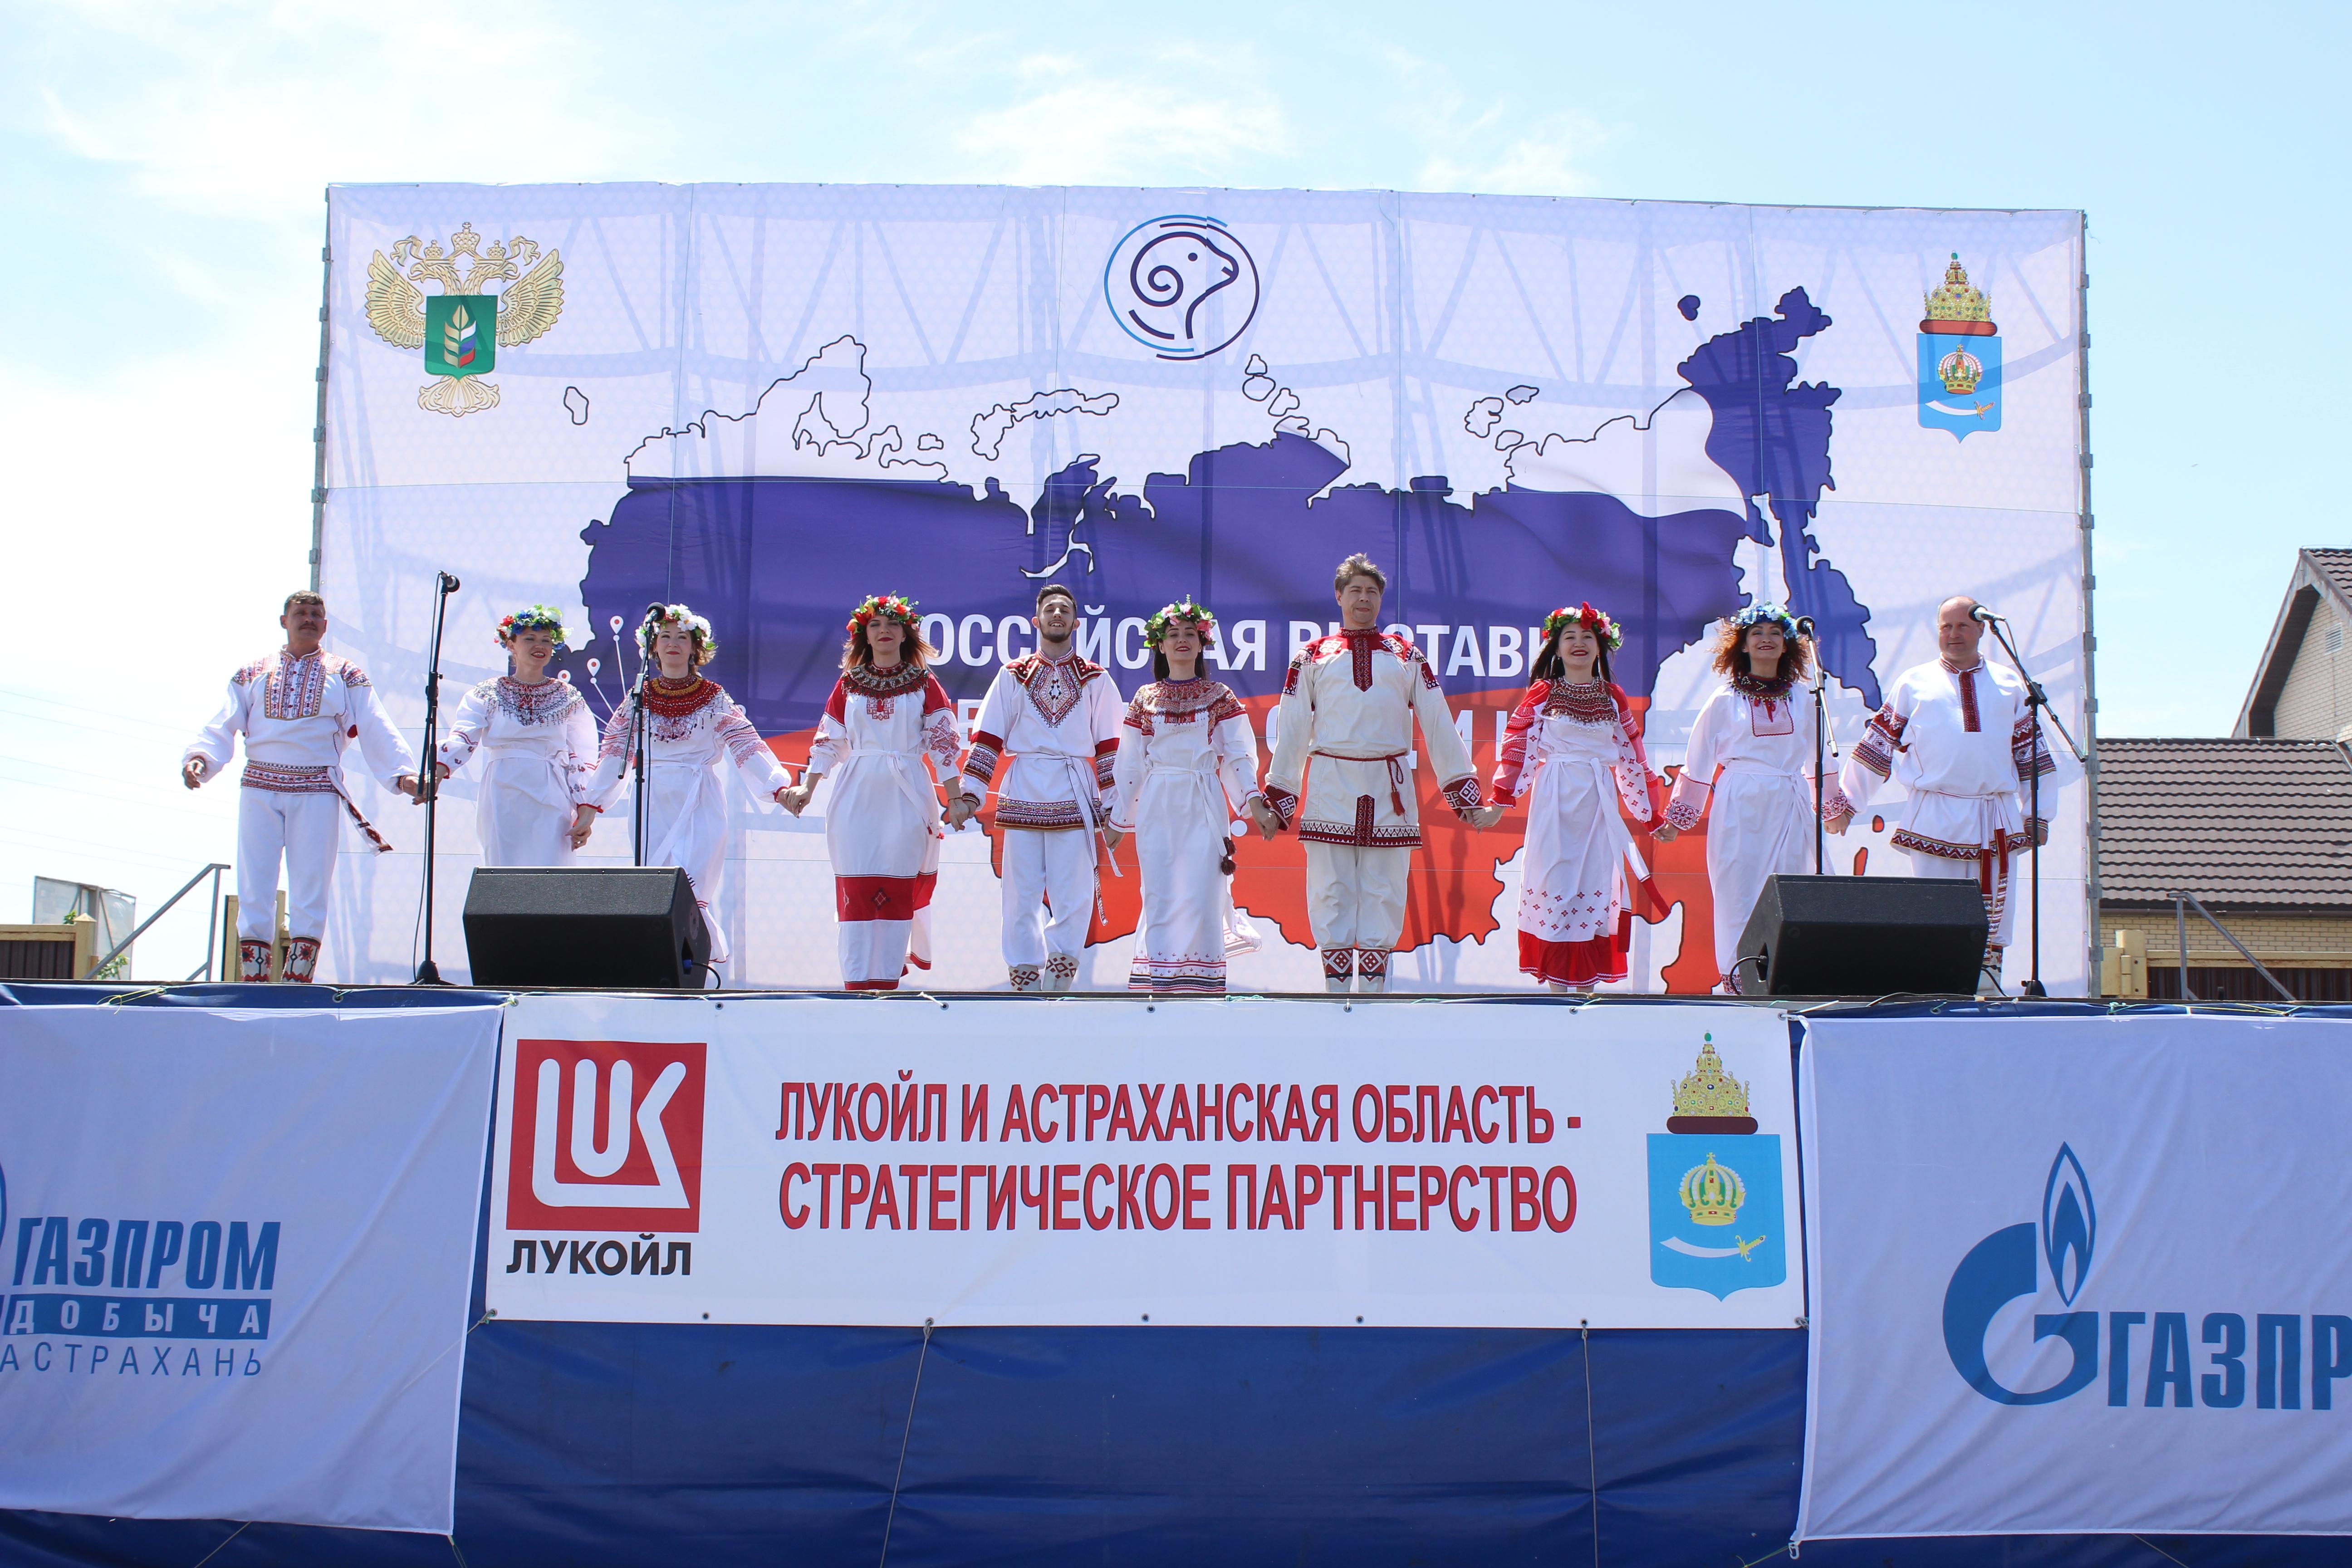 Астраханский центр народной культуры принял участие в  19-ой Российской выставке племенных овец и коз